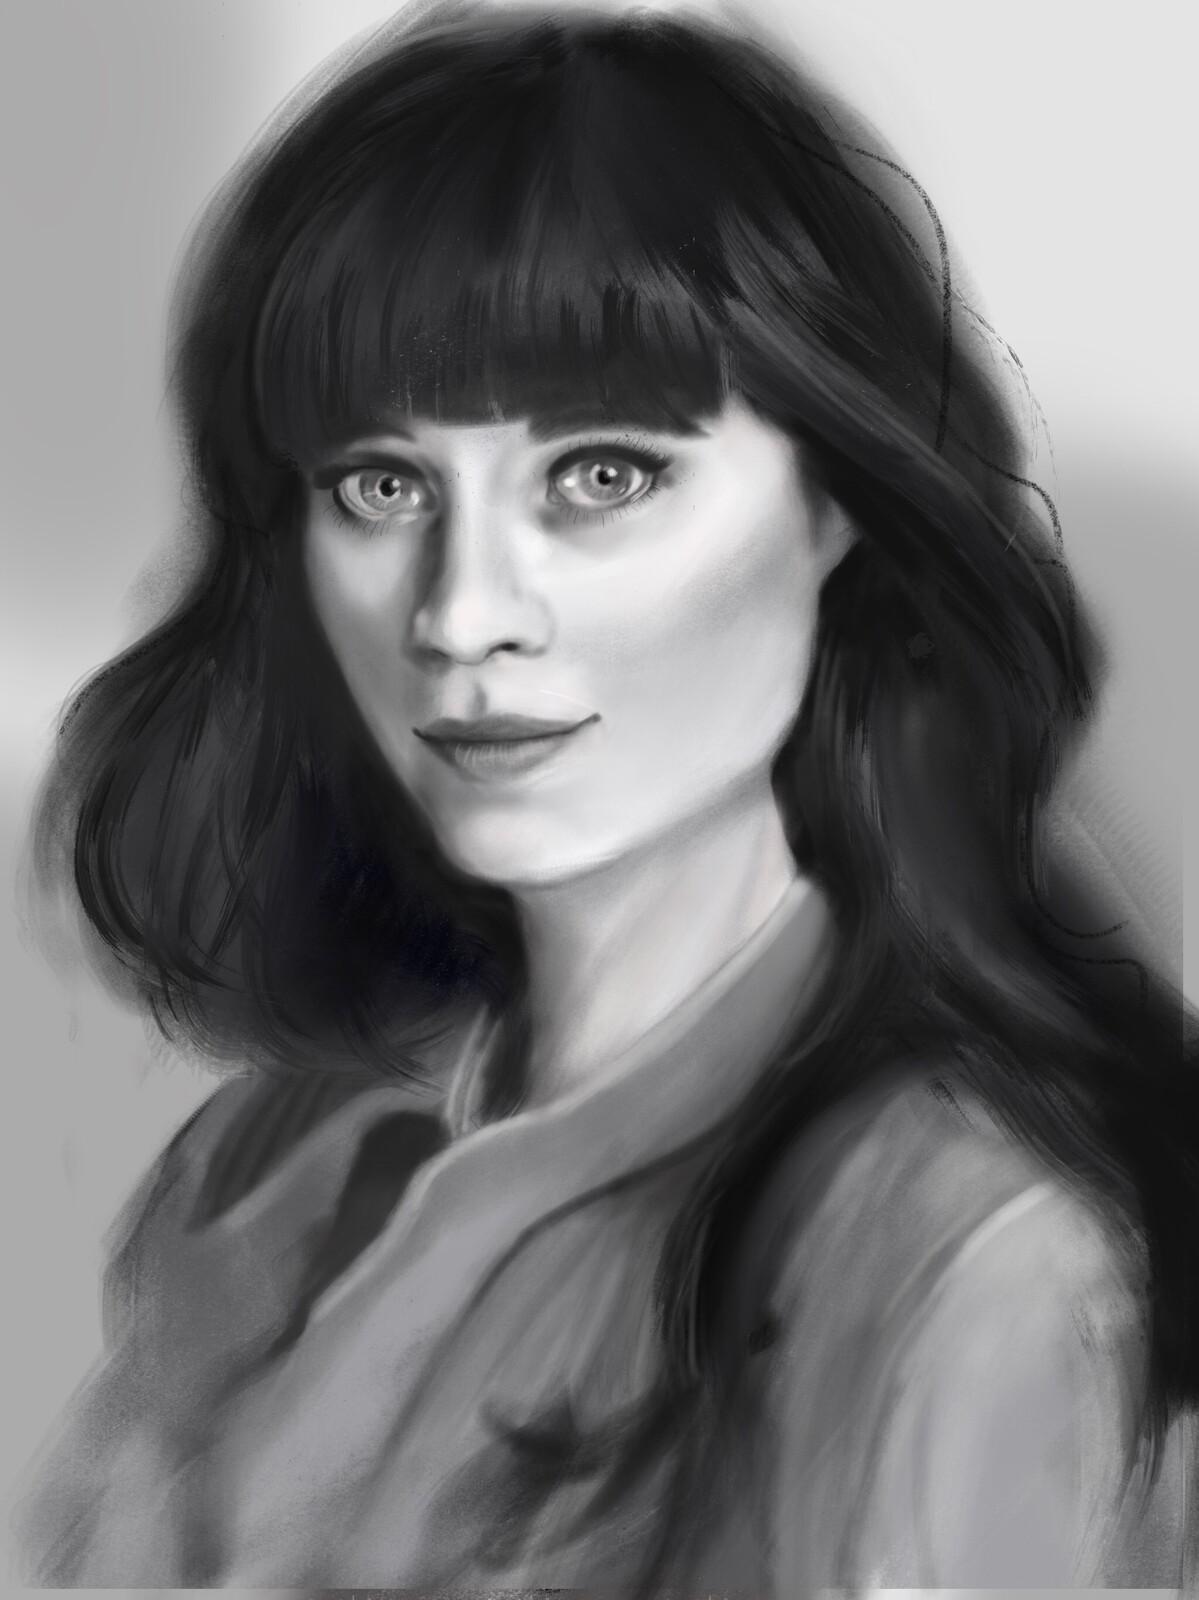 Zooey Deschanel portrait